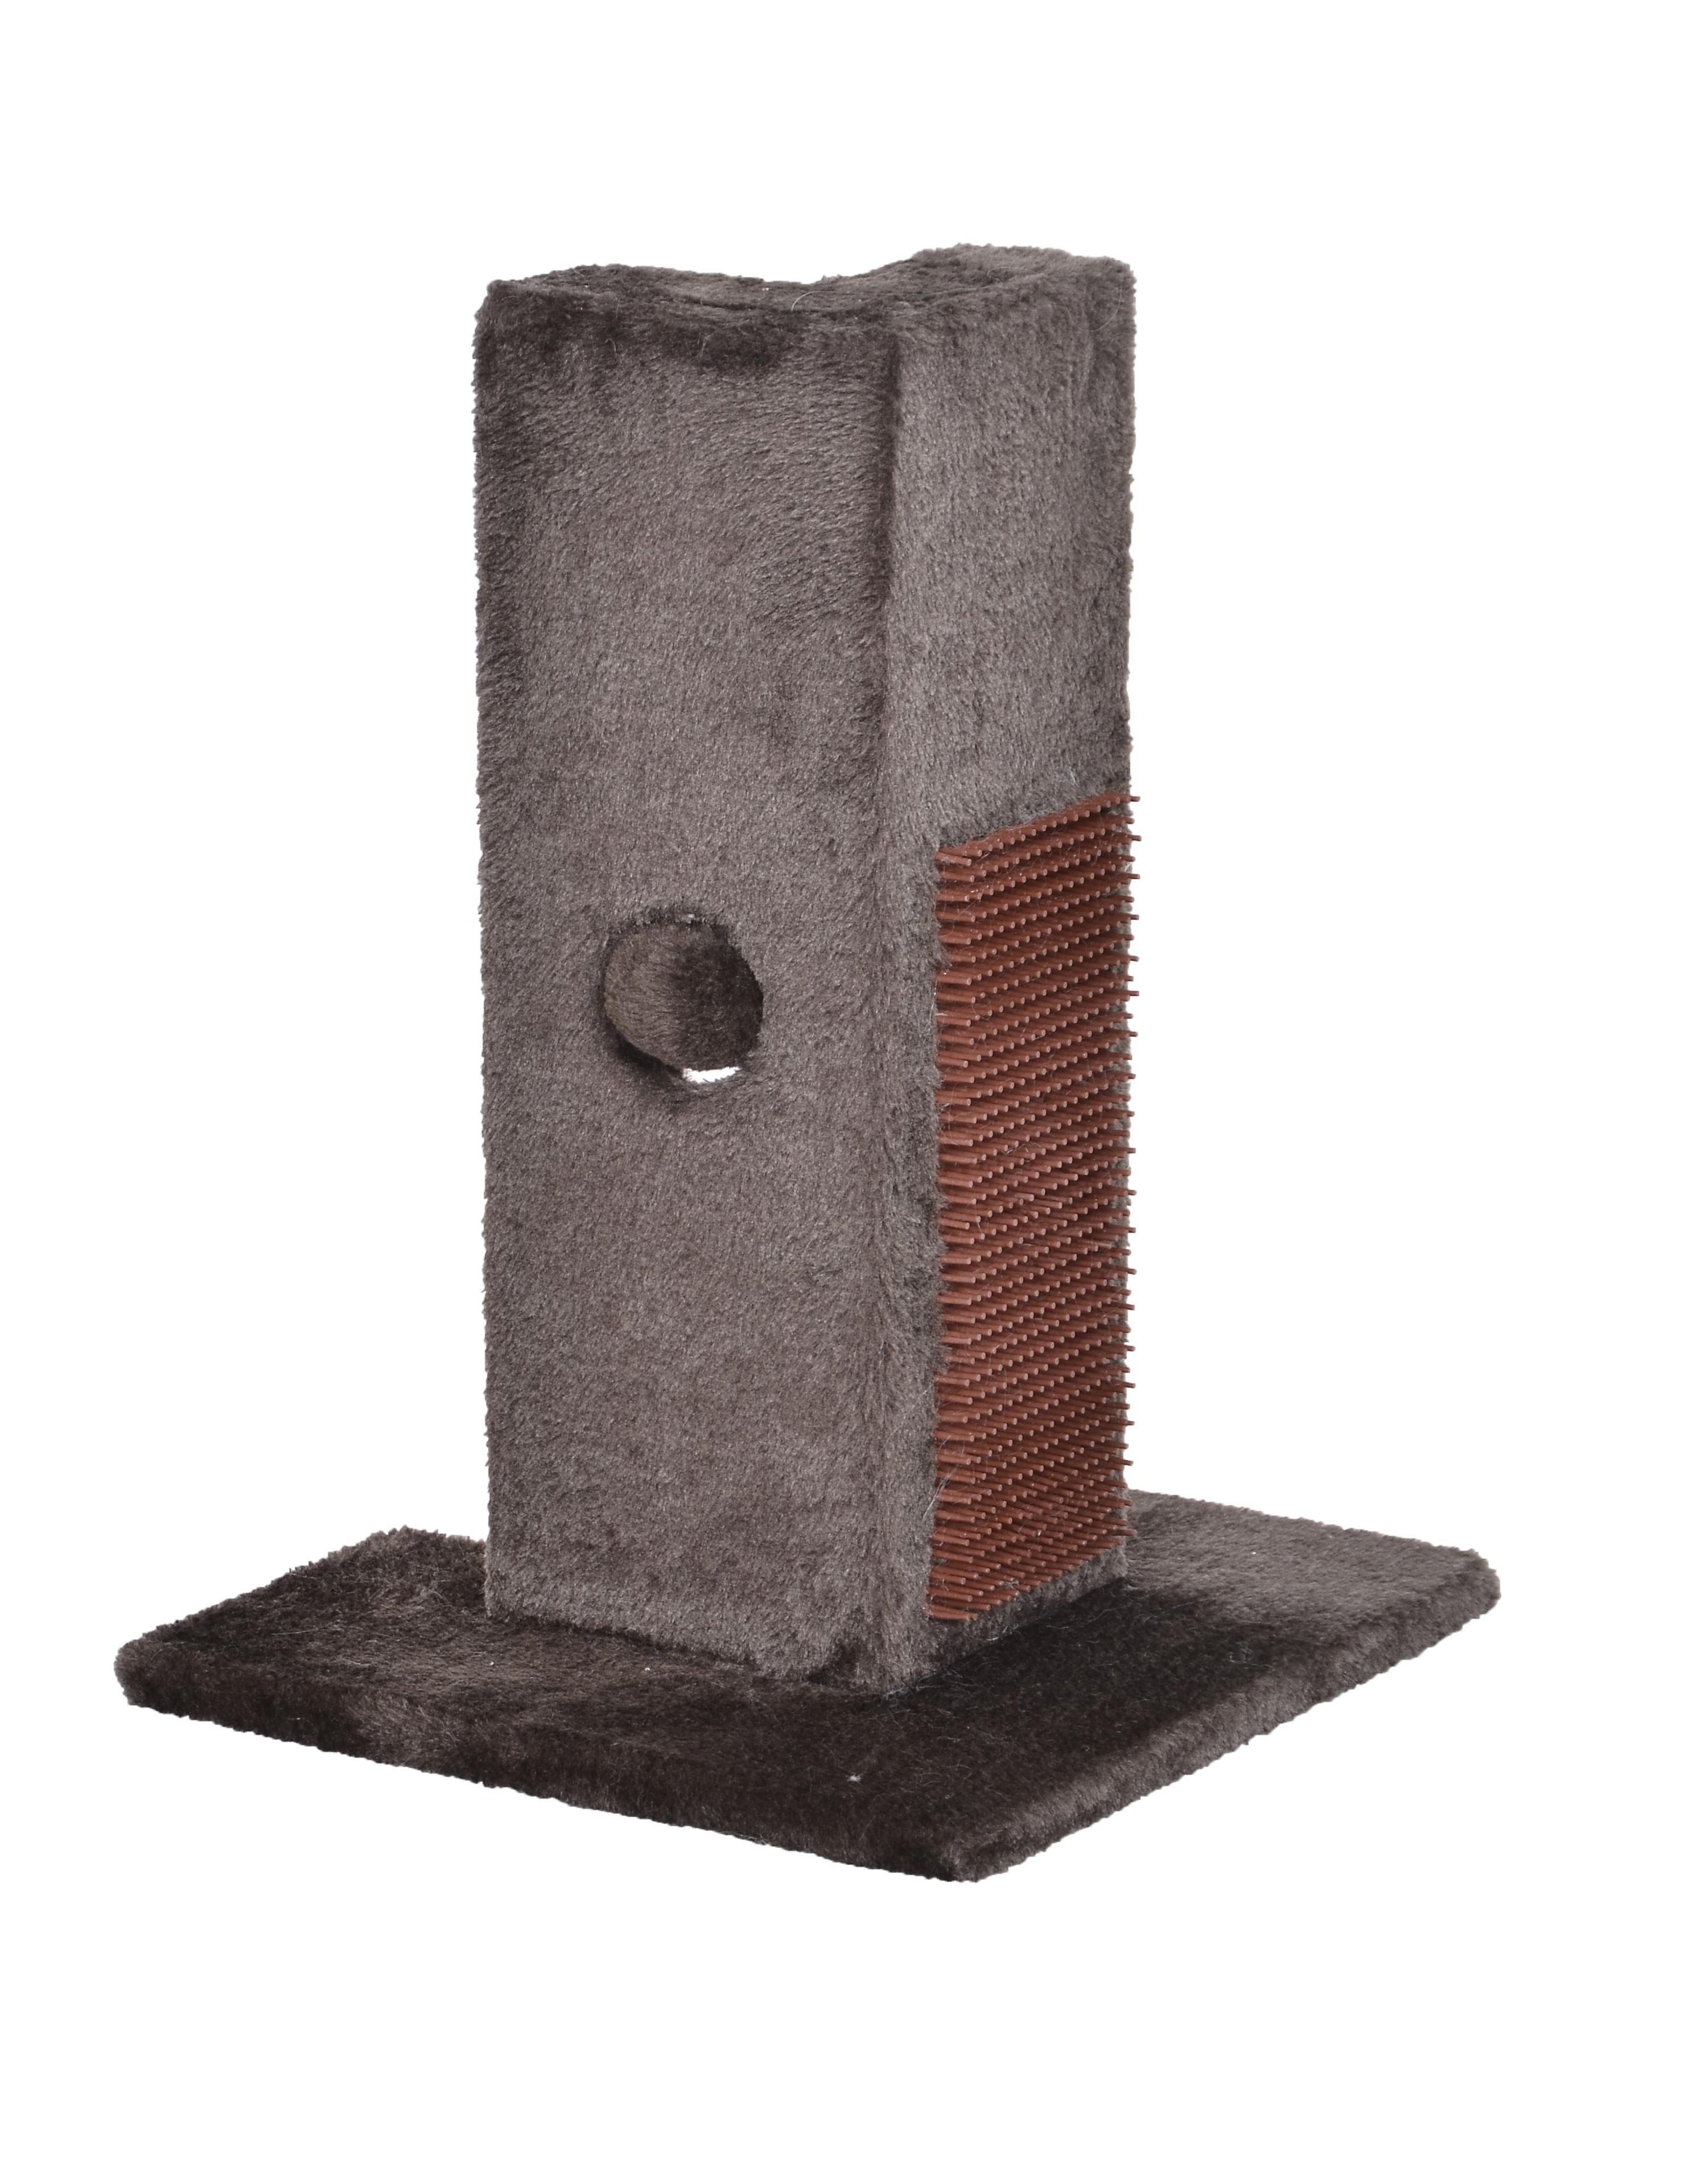 Bud'z Poki Play Station Corner Protector Cat Scratcher, Brown, 30 x 30 x 41.5-cm